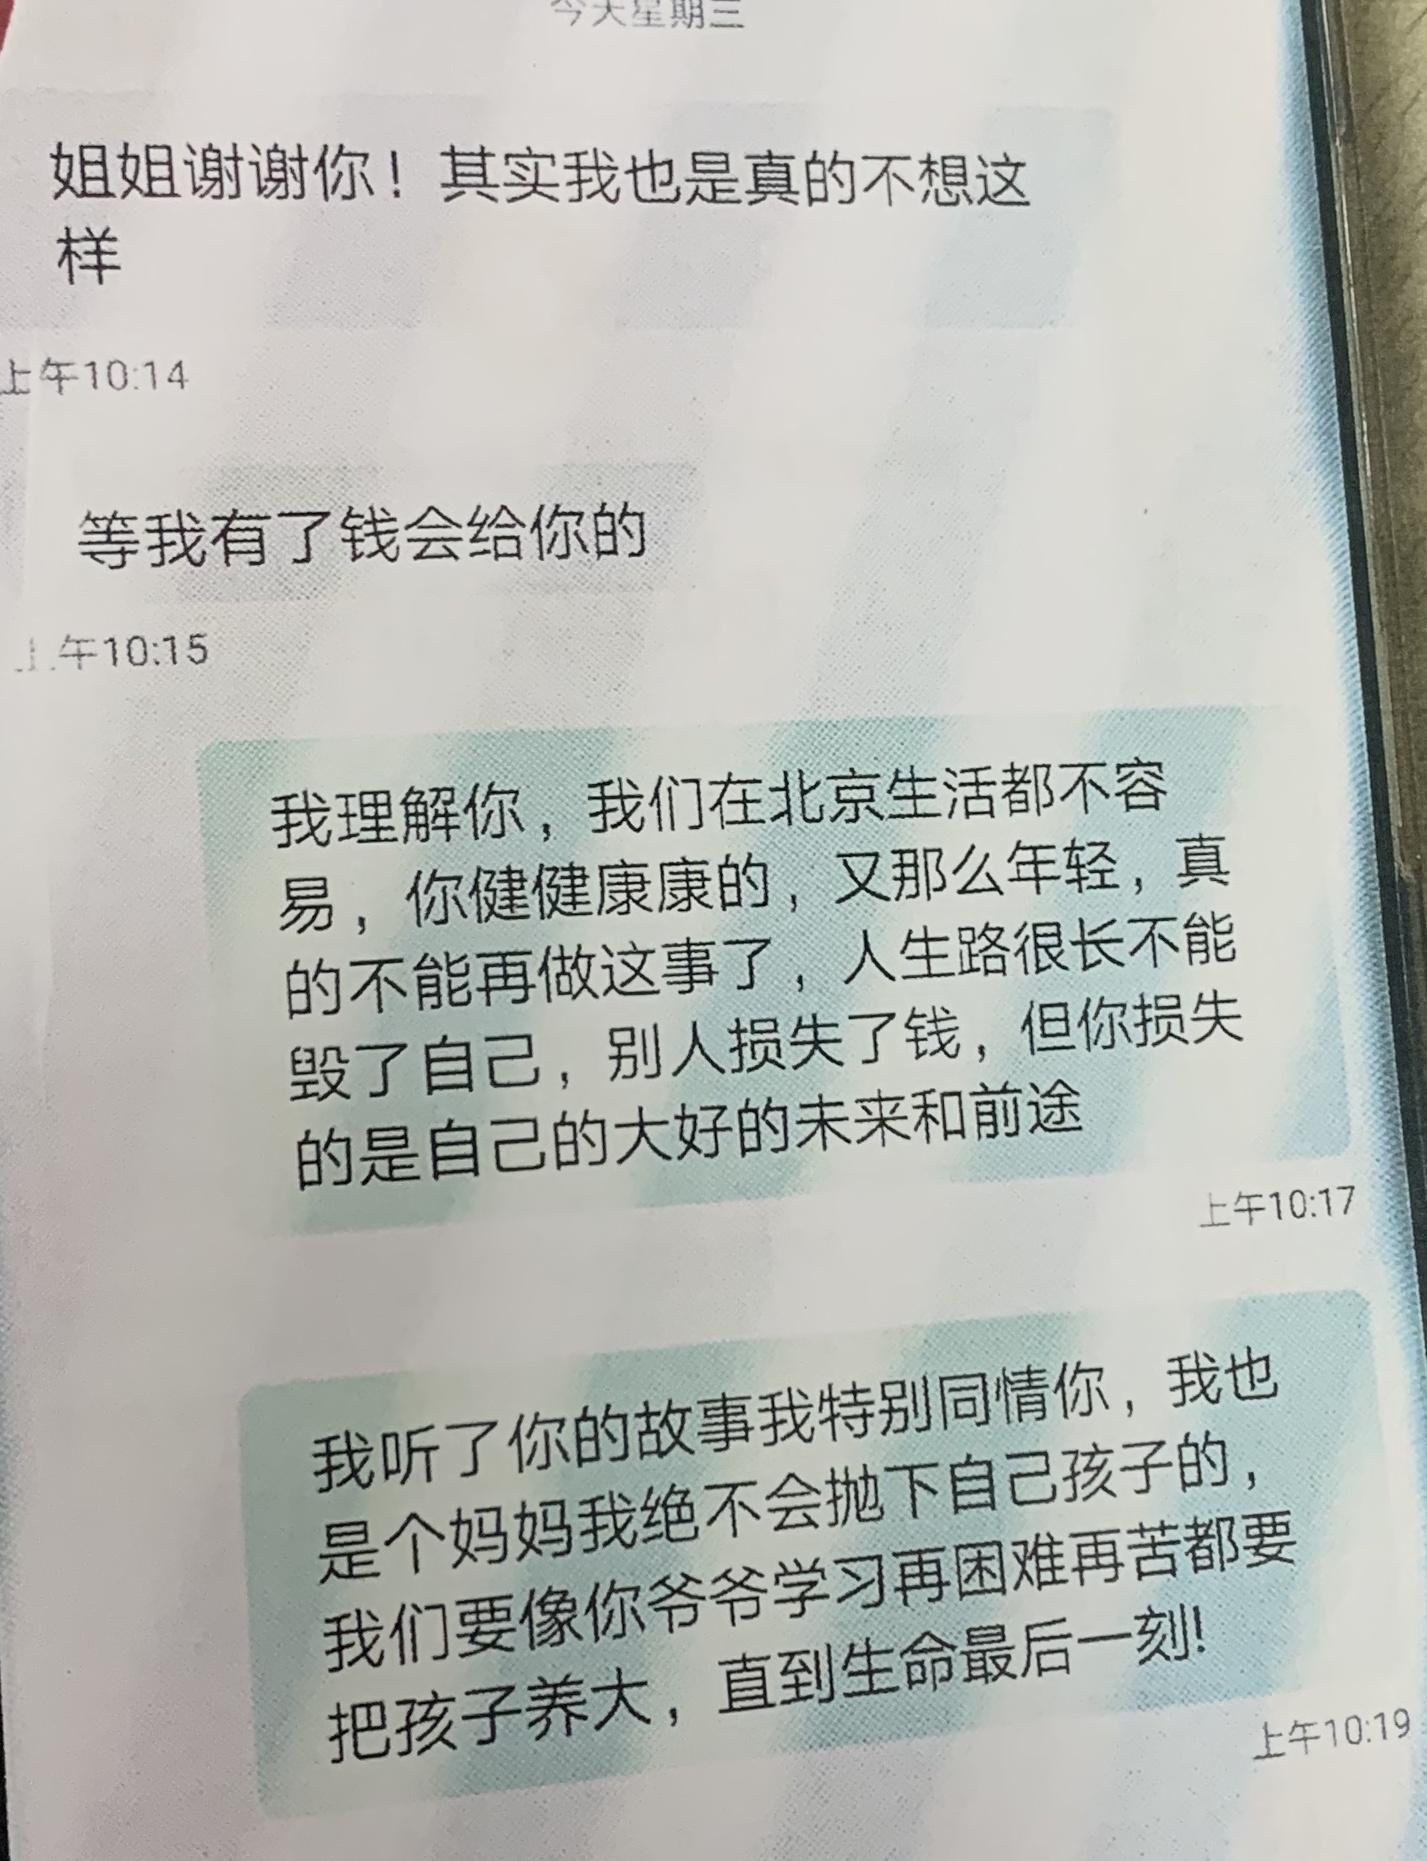 「澳英娱乐场亚游厅」科创板迎开市百日 撬动中国科技创新